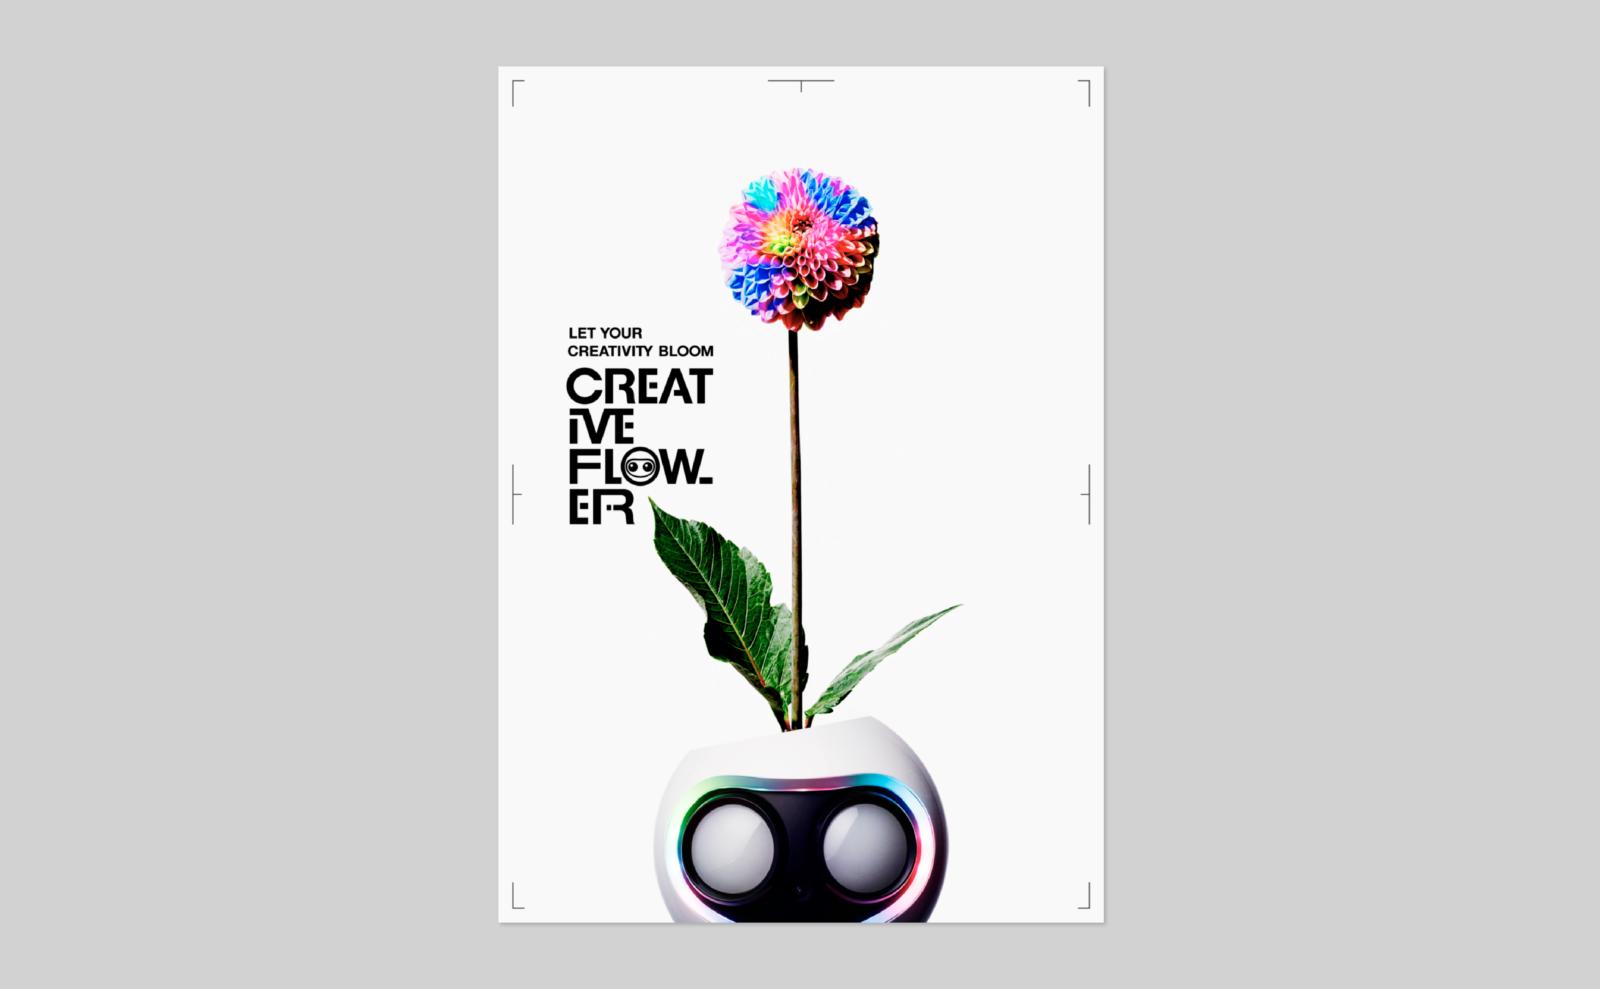 CREATIVE FLOW_ER @AI EXPO__-1